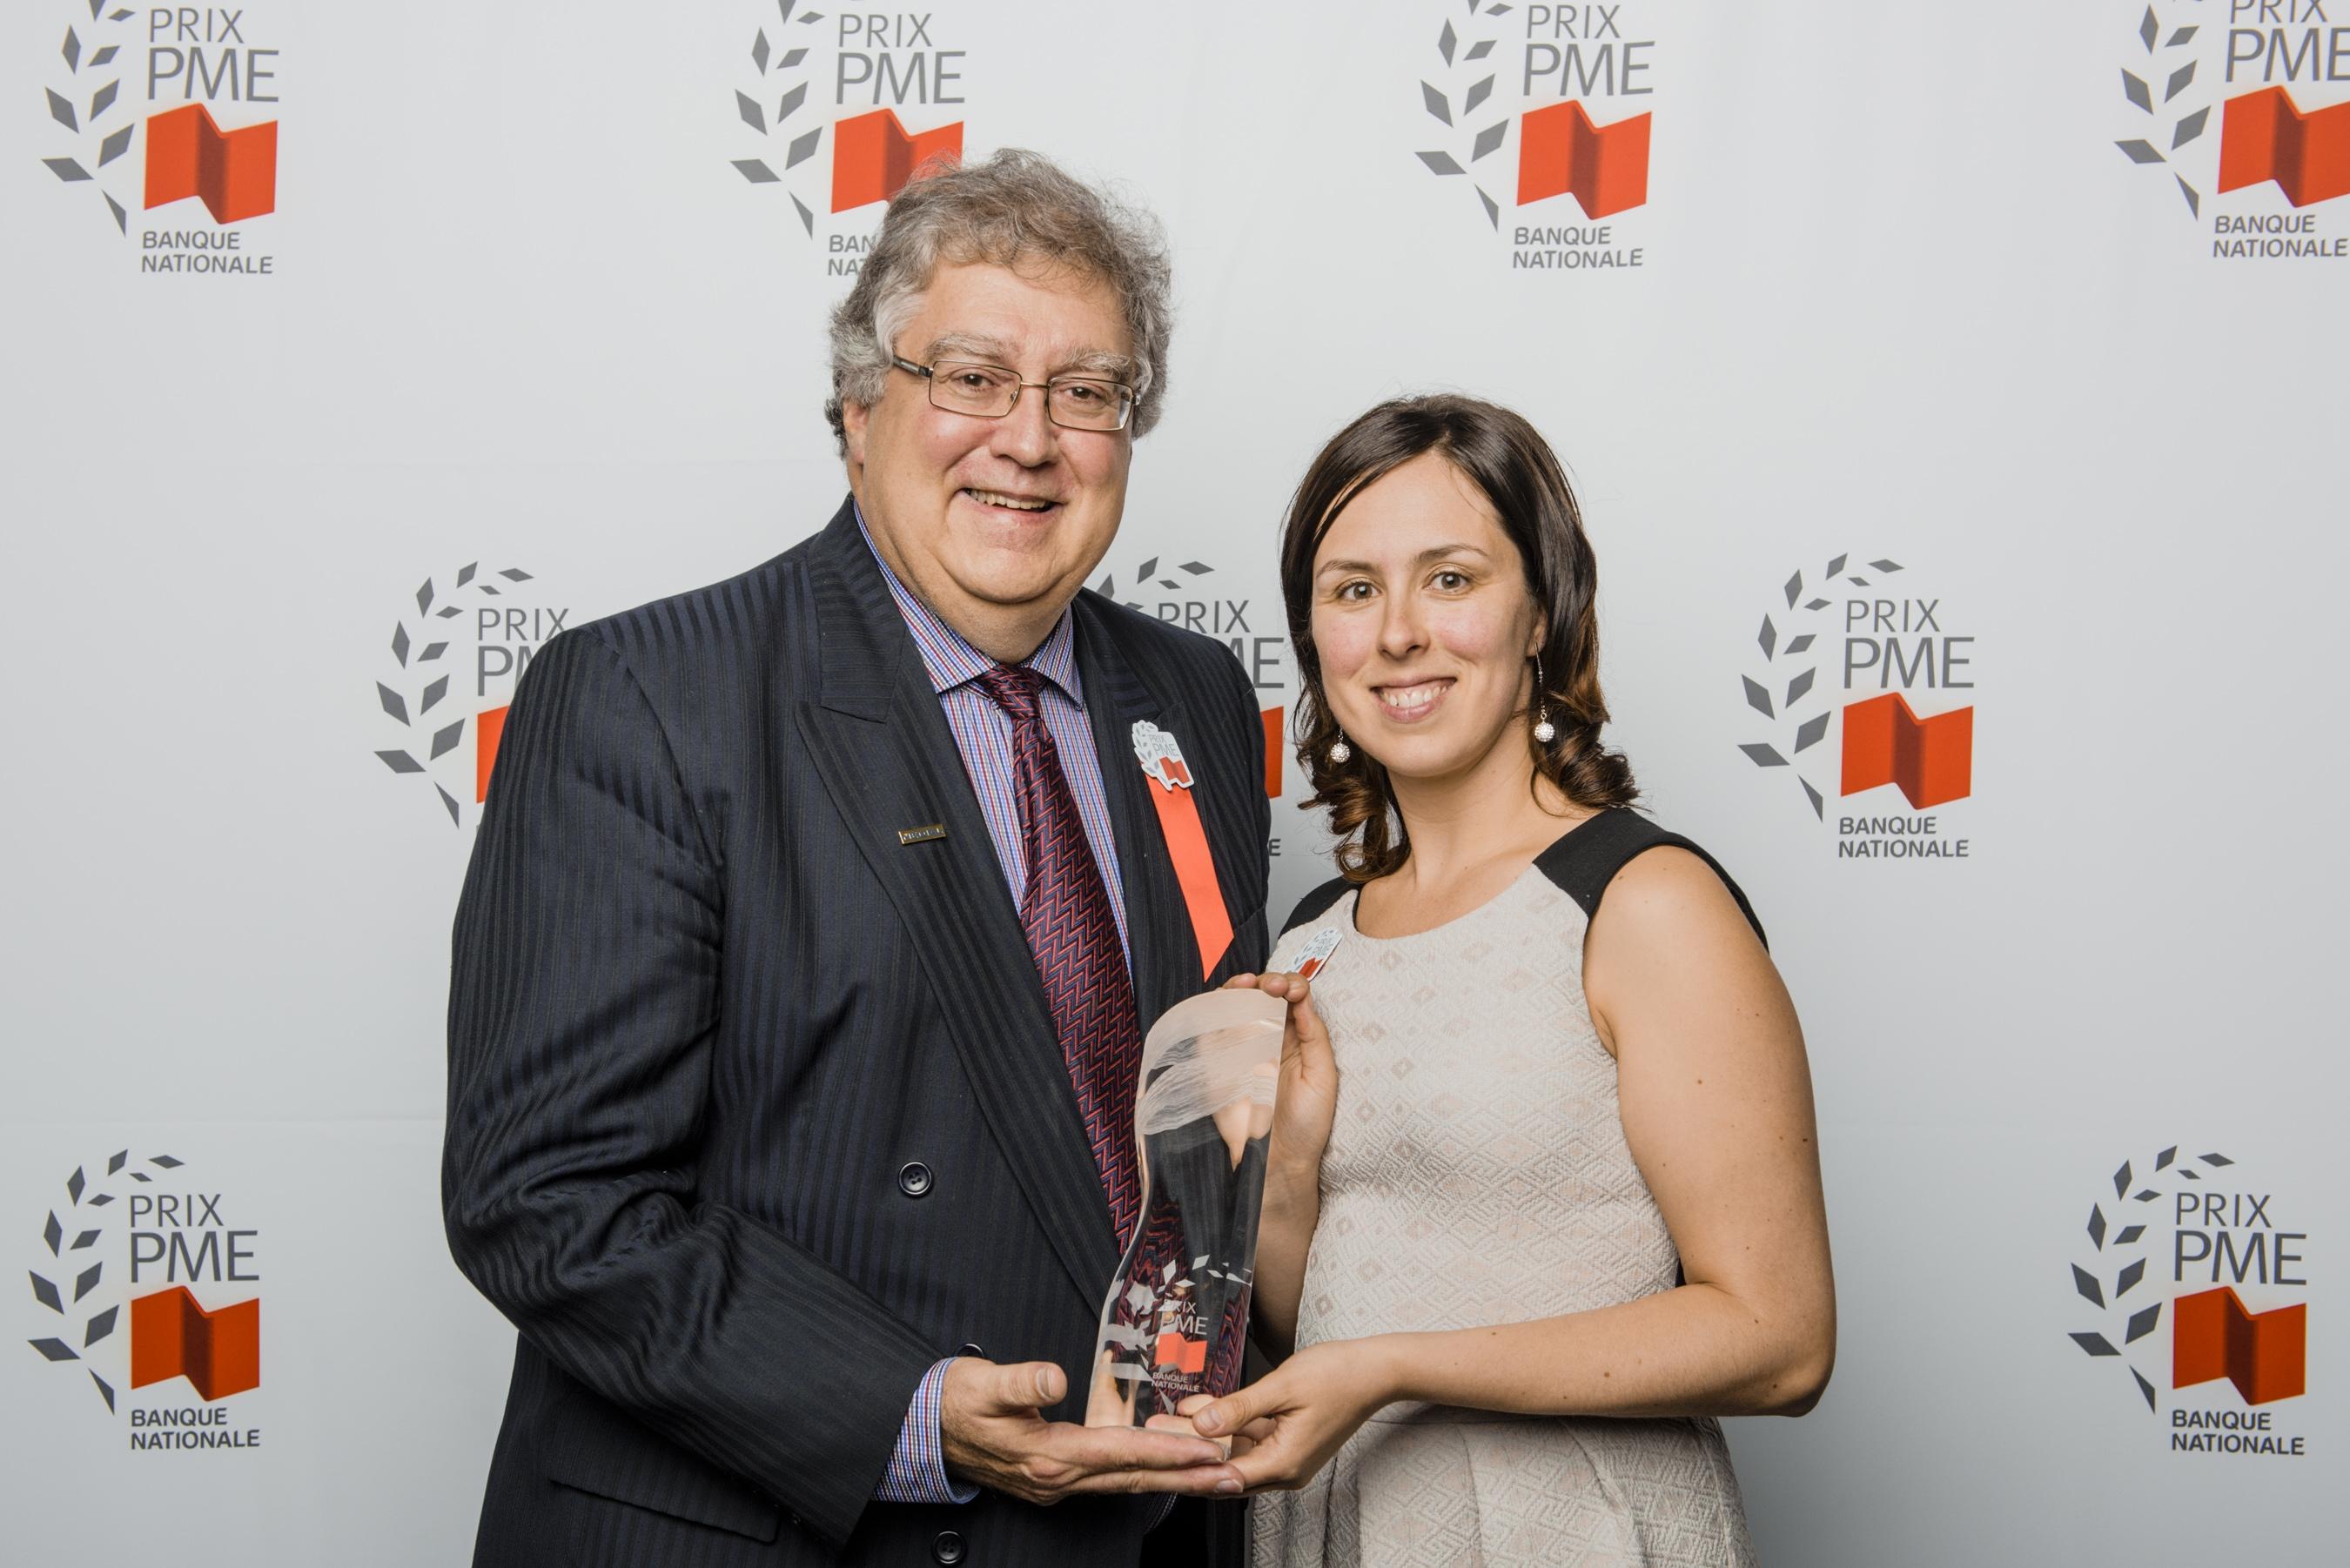 Marcel Curodeau and Émilie Savard holding the award